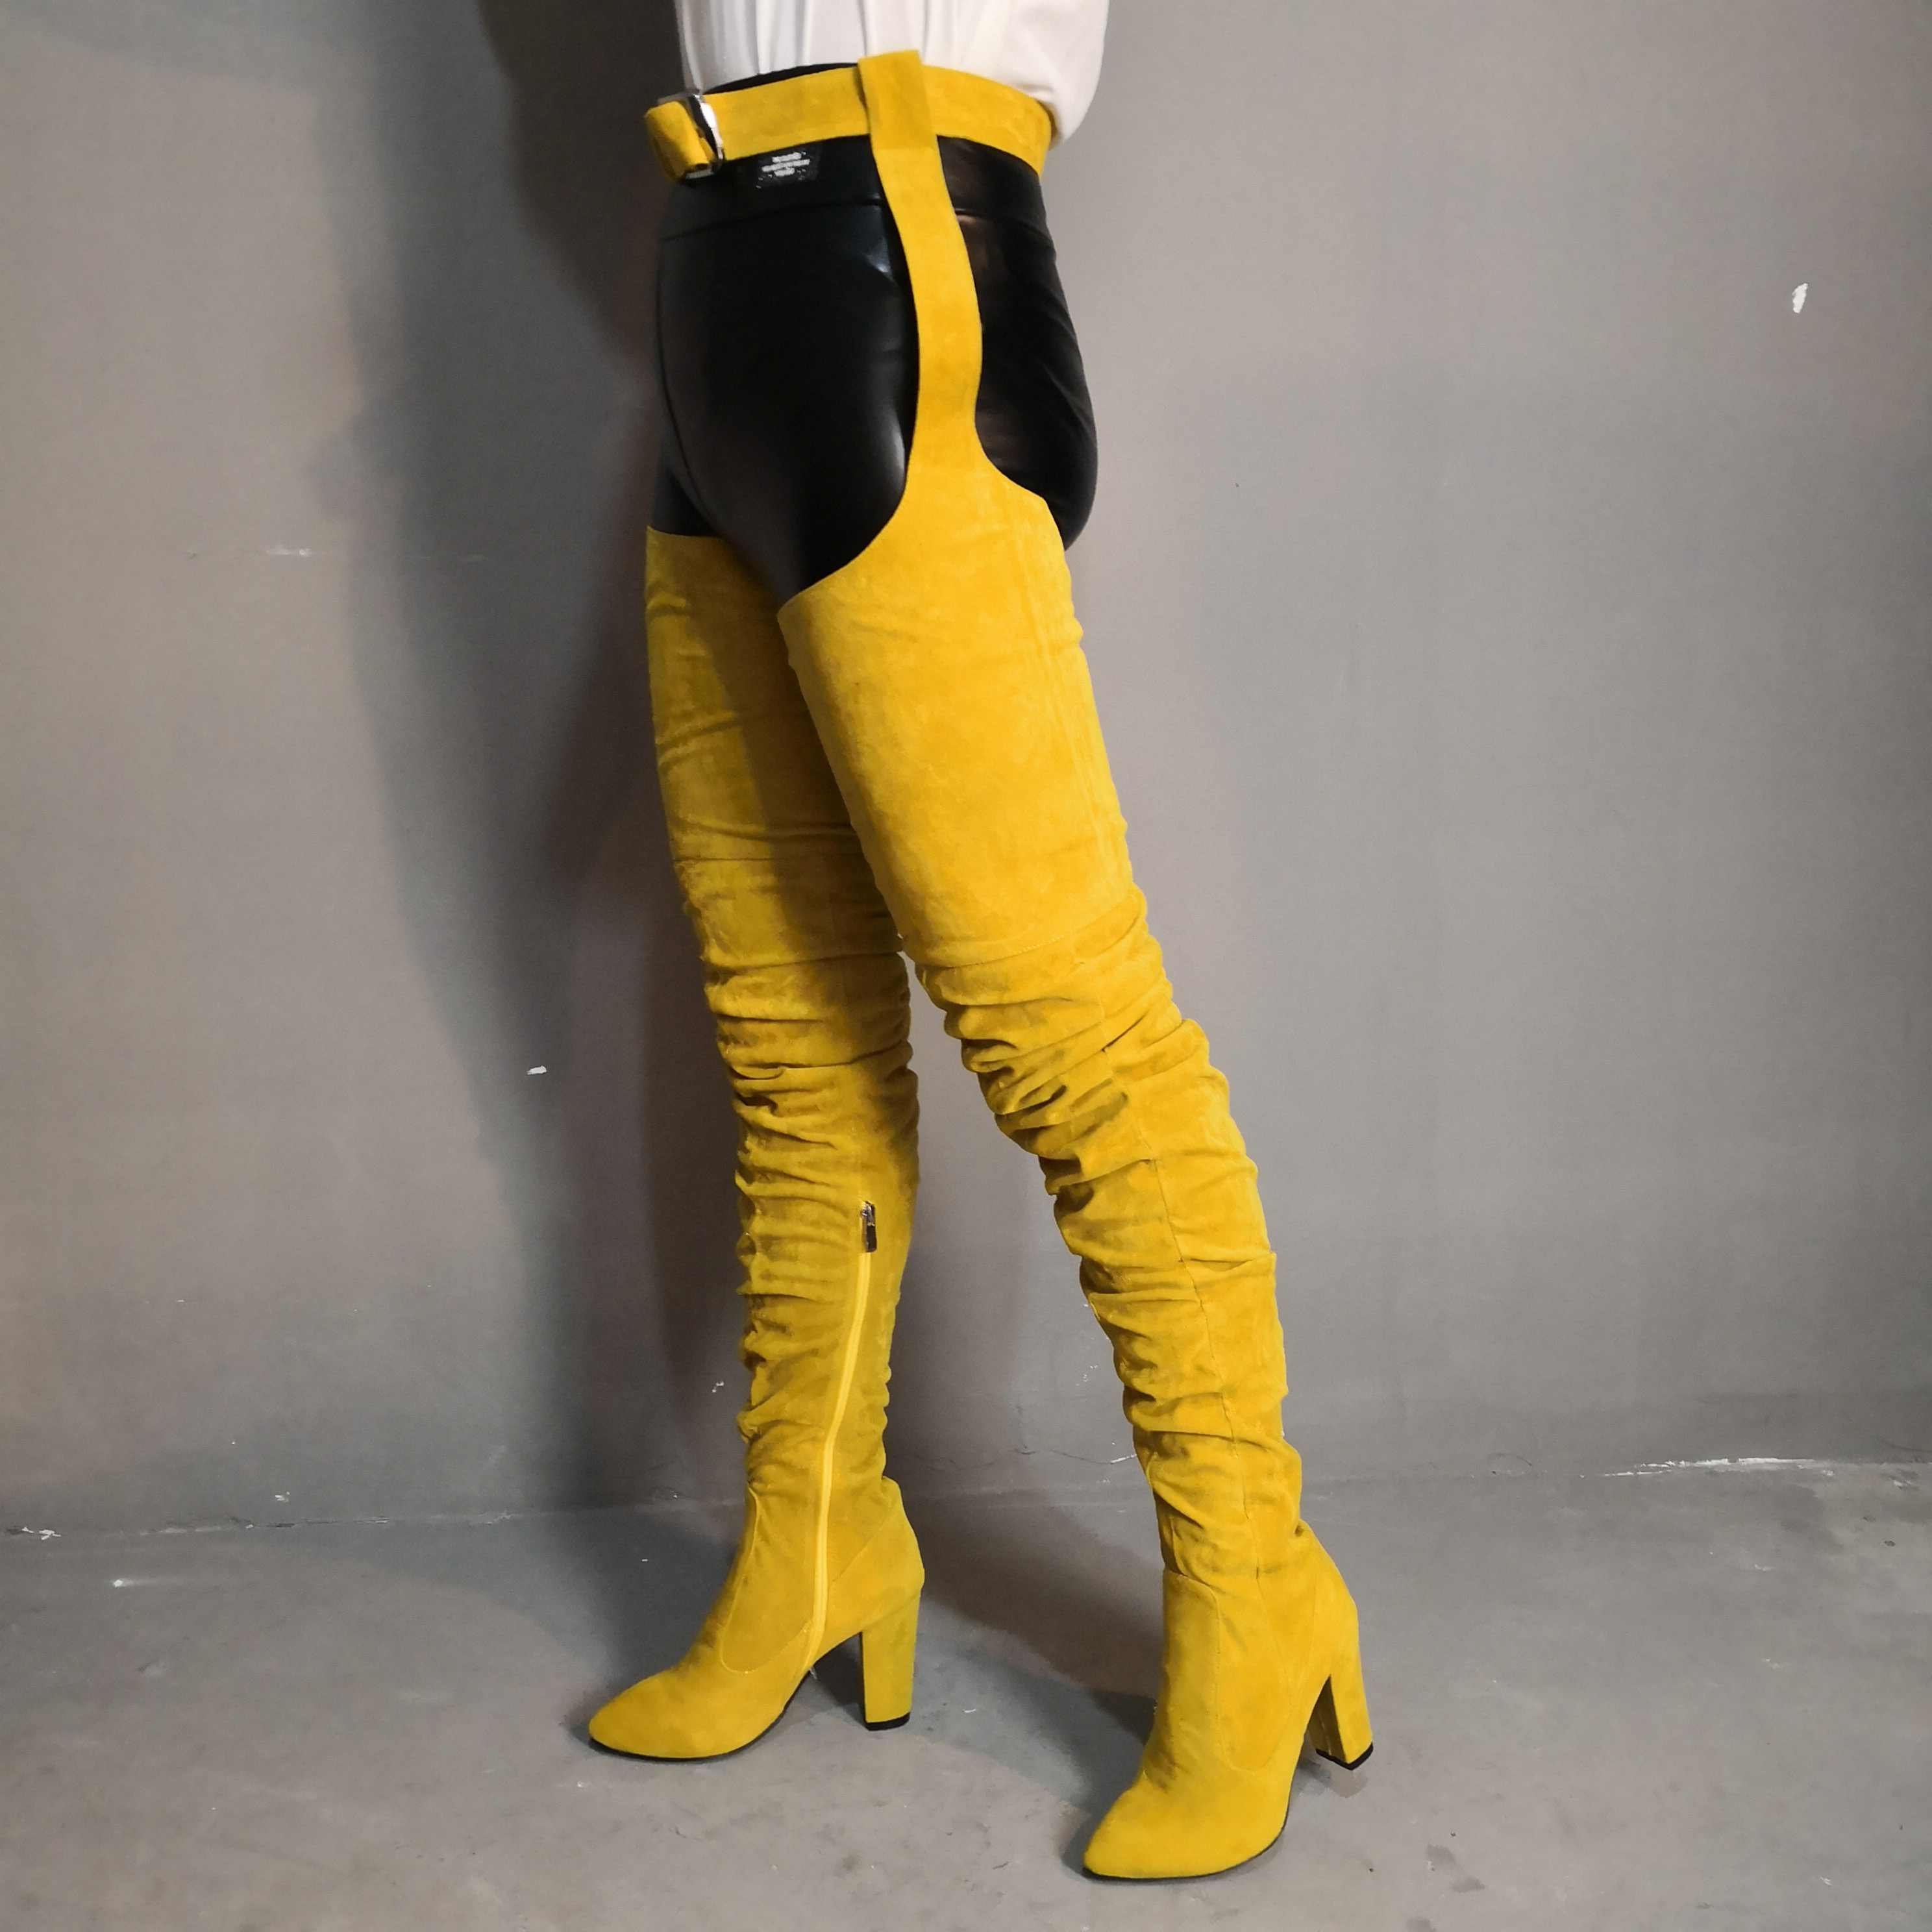 Chaussures femme sexy jaune bout pointu cuisse haute sur le genou bottes talons hauts entrejambe attaché taille pantalon botines chaussures femme